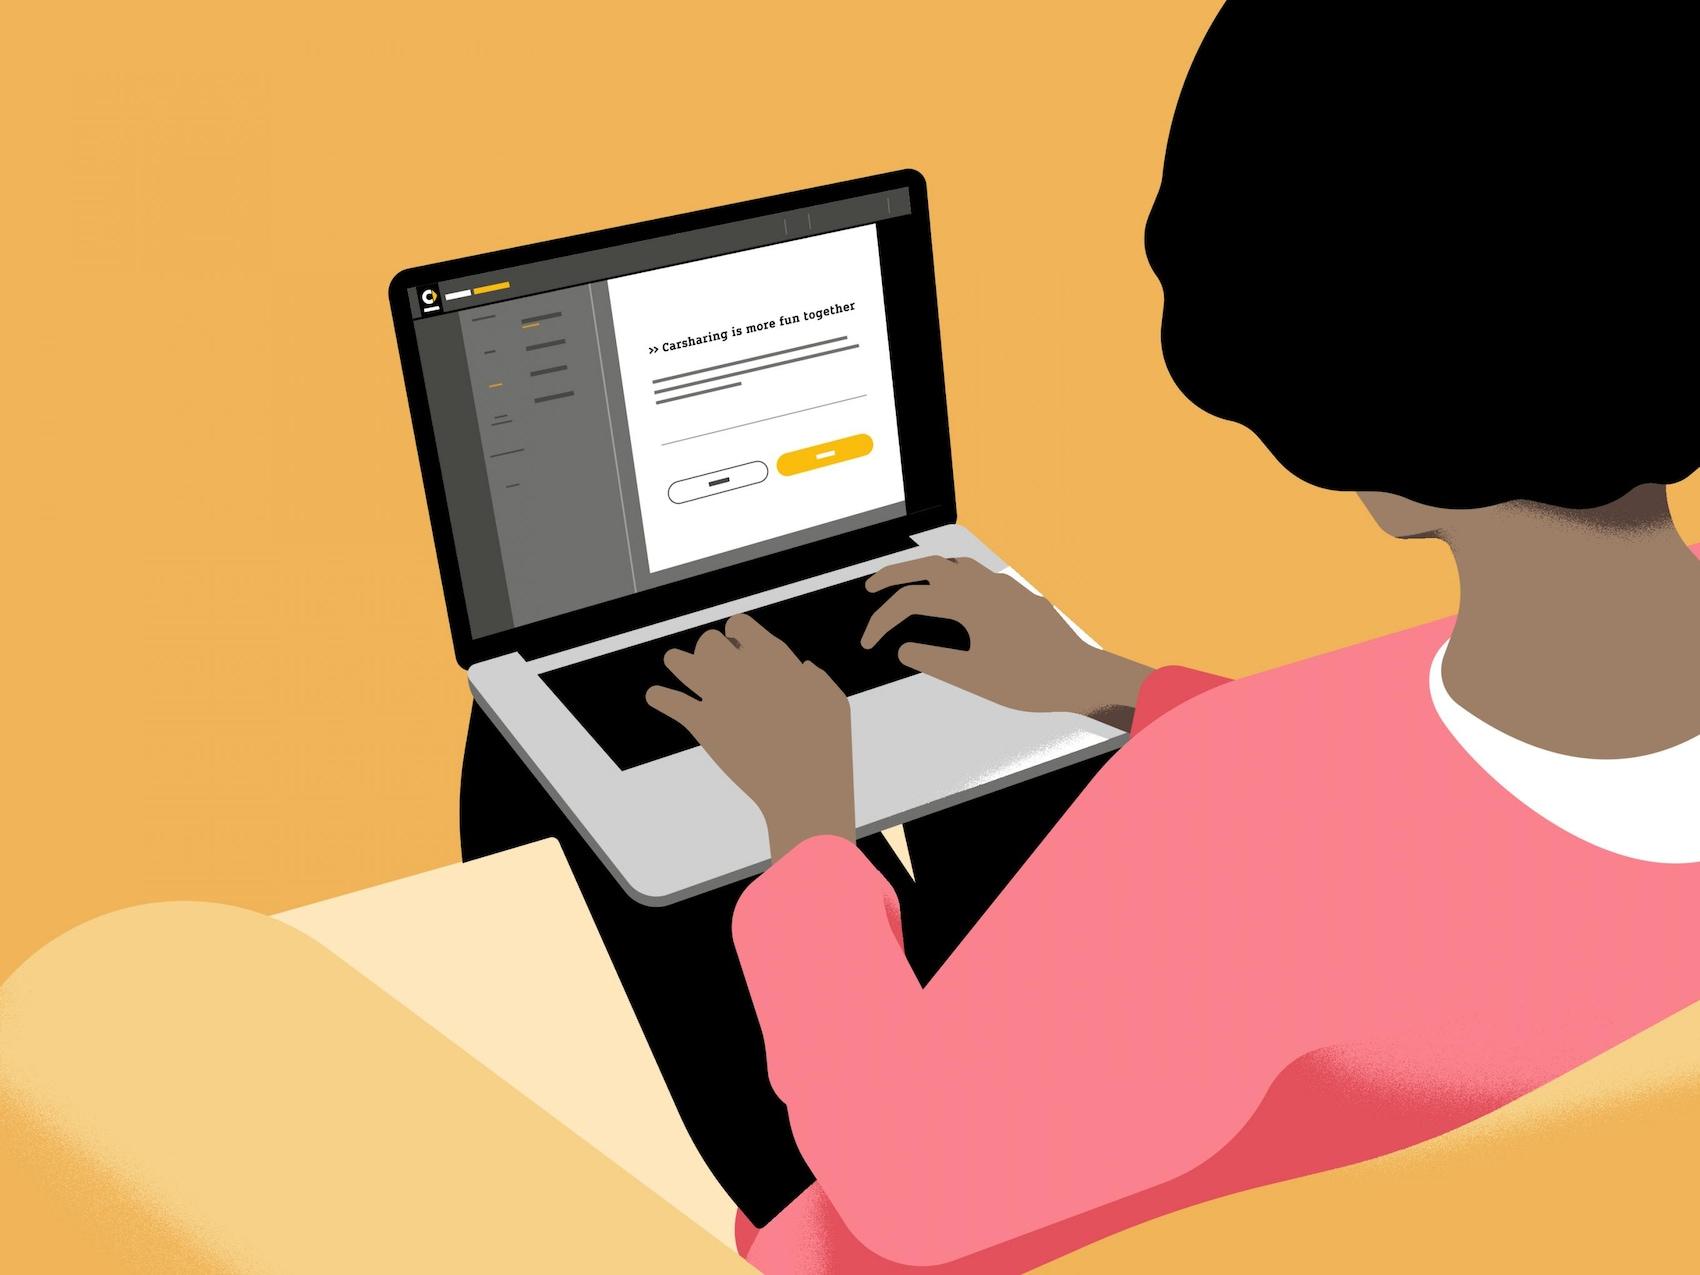 Eine Frau sitzt vor einem Computer